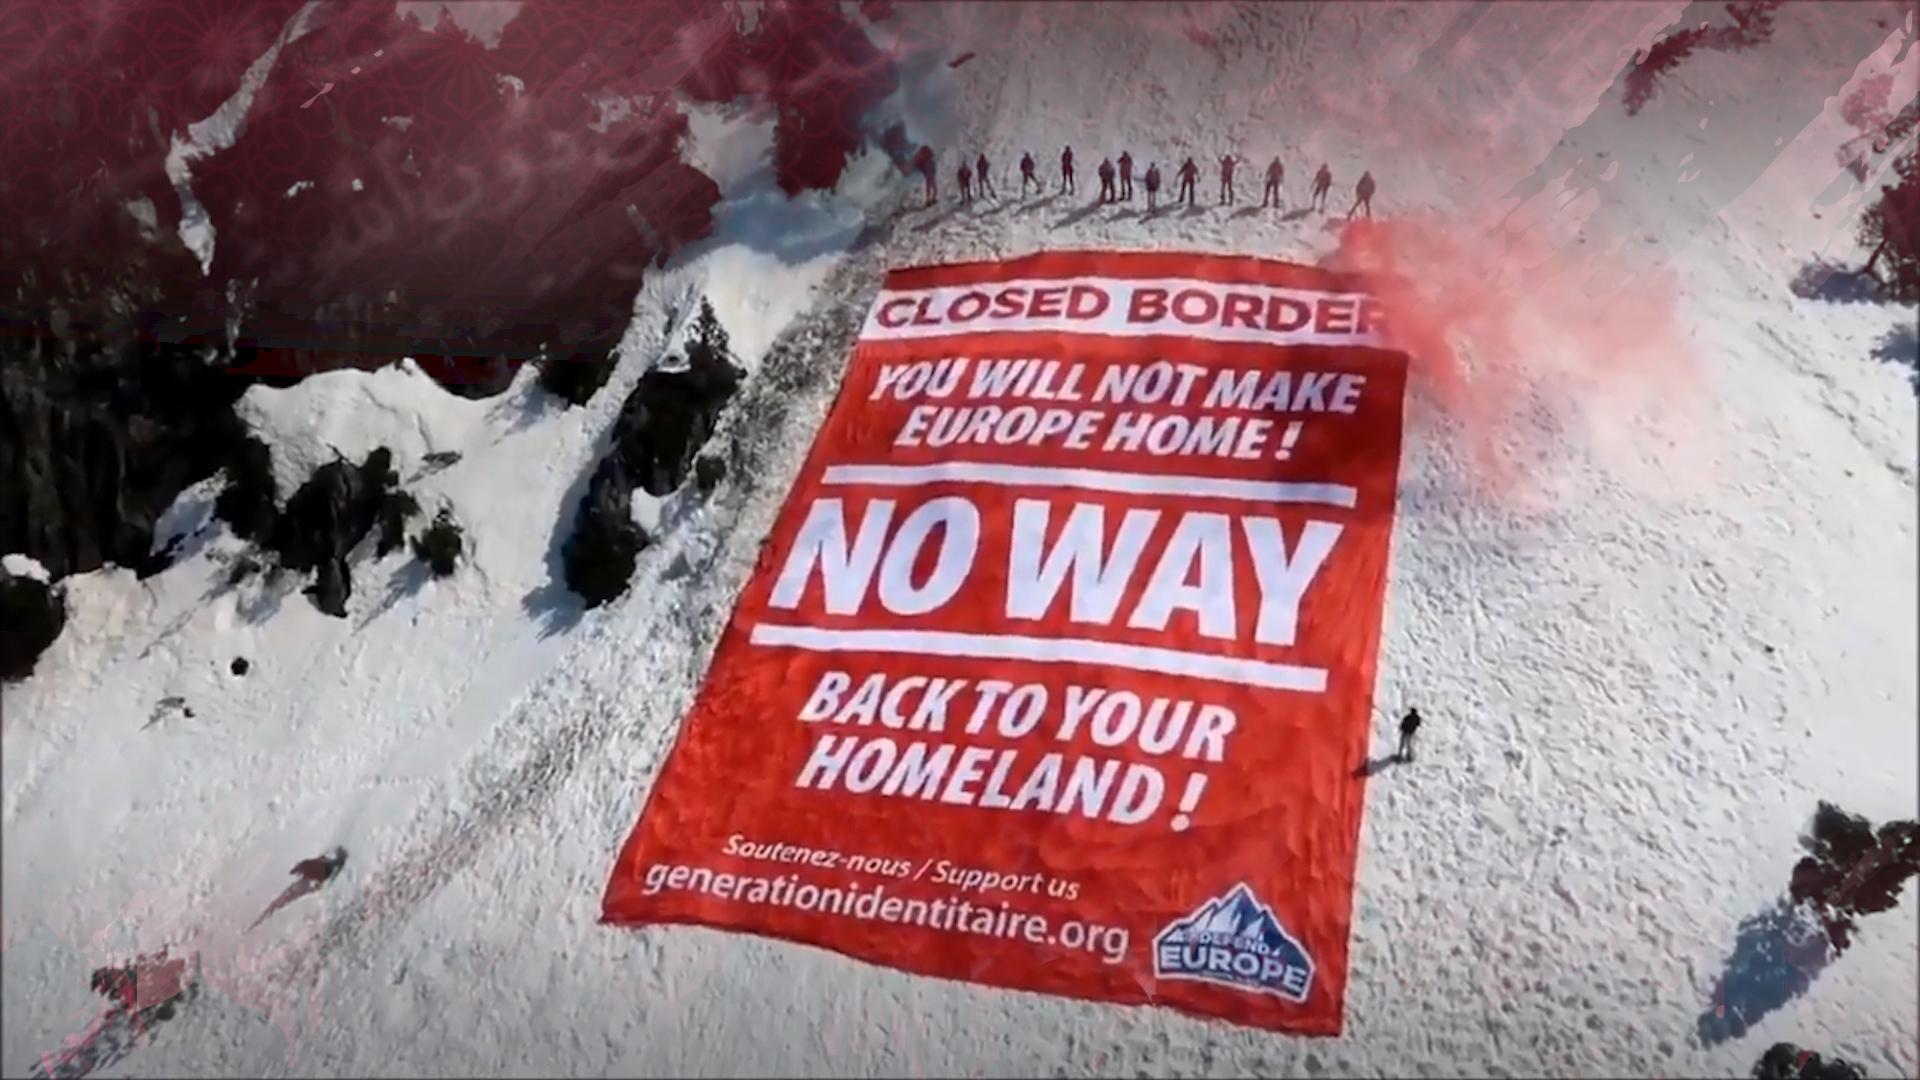 Génération Identitaire message for illegal immigrants